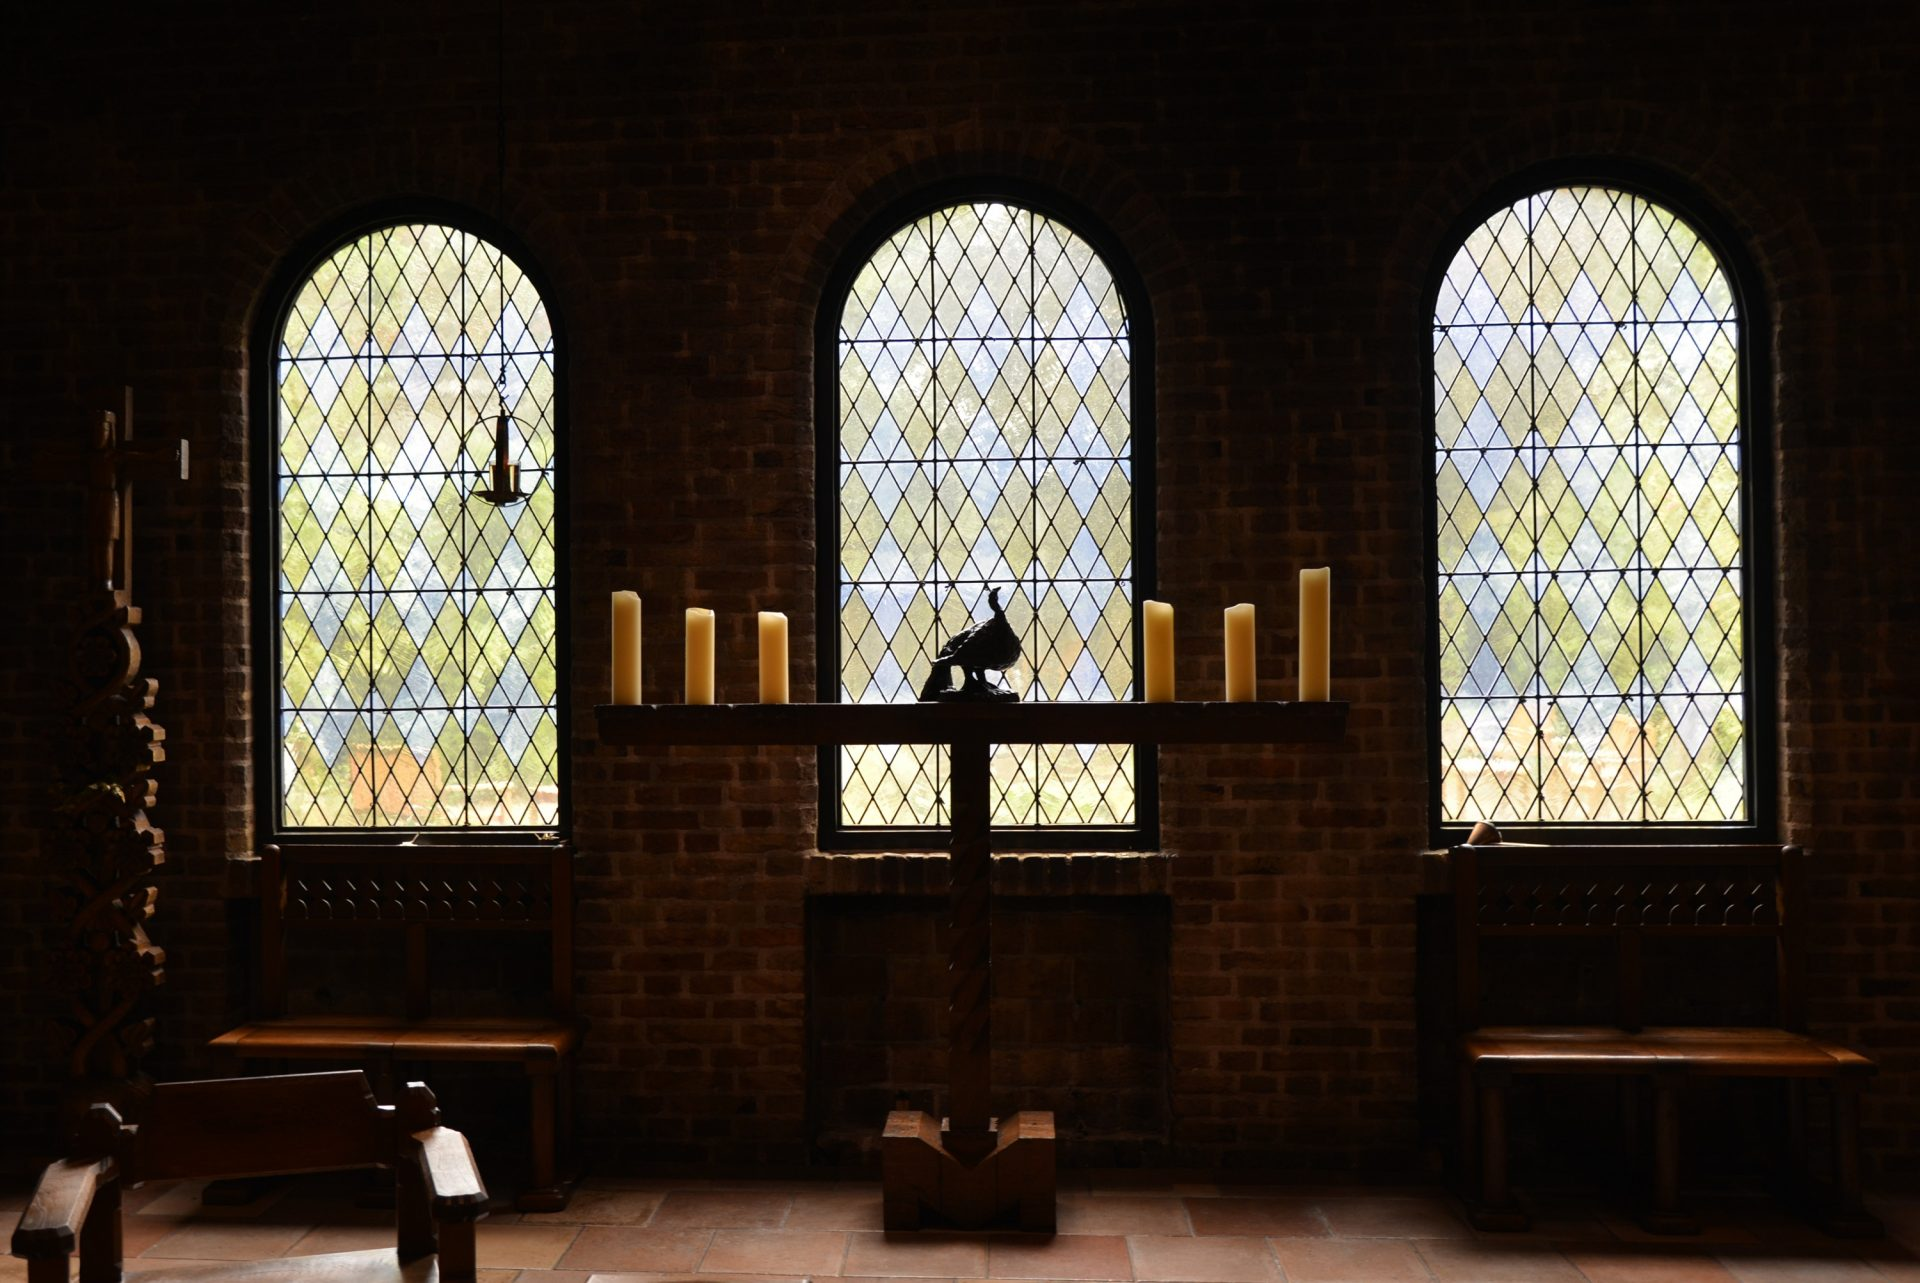 de Lioba kapel van binnenuit: kaarsen en drie hoge ramen